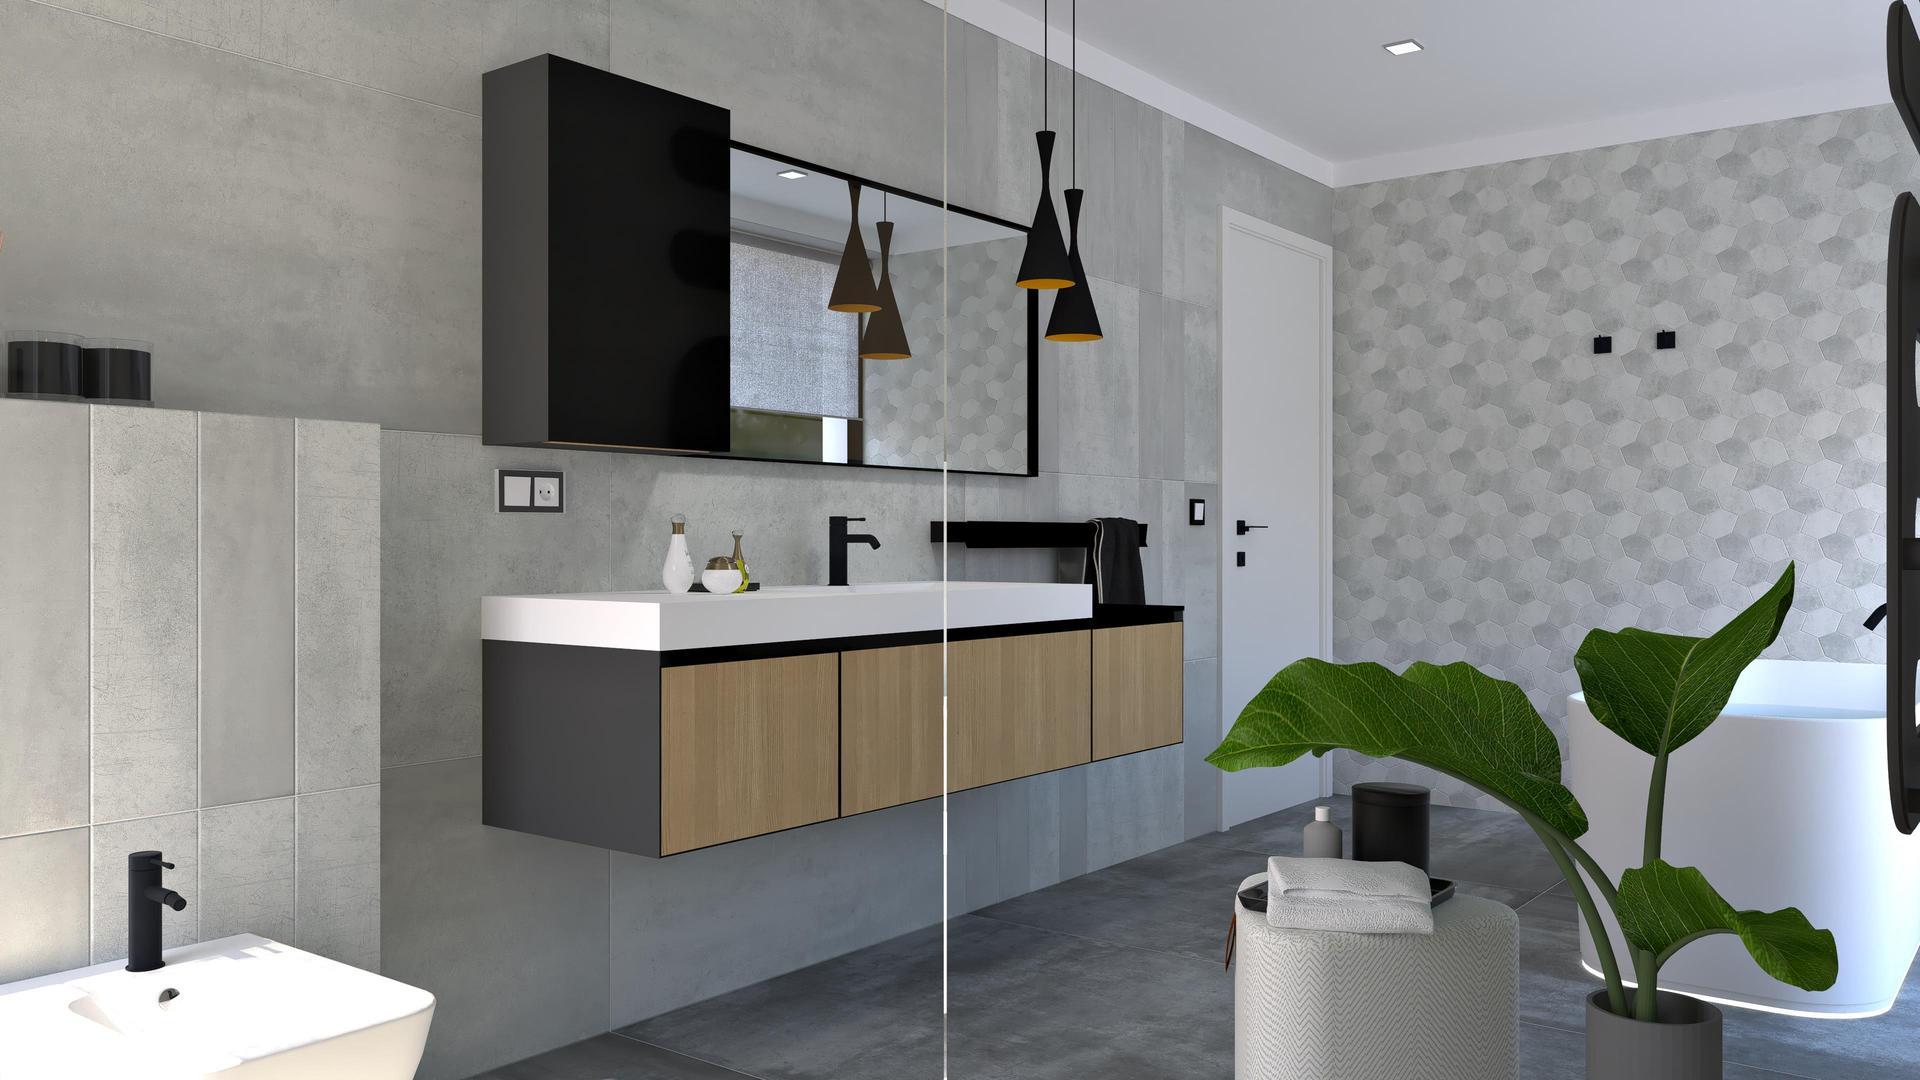 Návrhy kúpeľní 2021 - Vizualizácia kúpeľne / Sivý obklad s jemným metalickým odleskom, čierne doplnky, hexagónová mozaika.